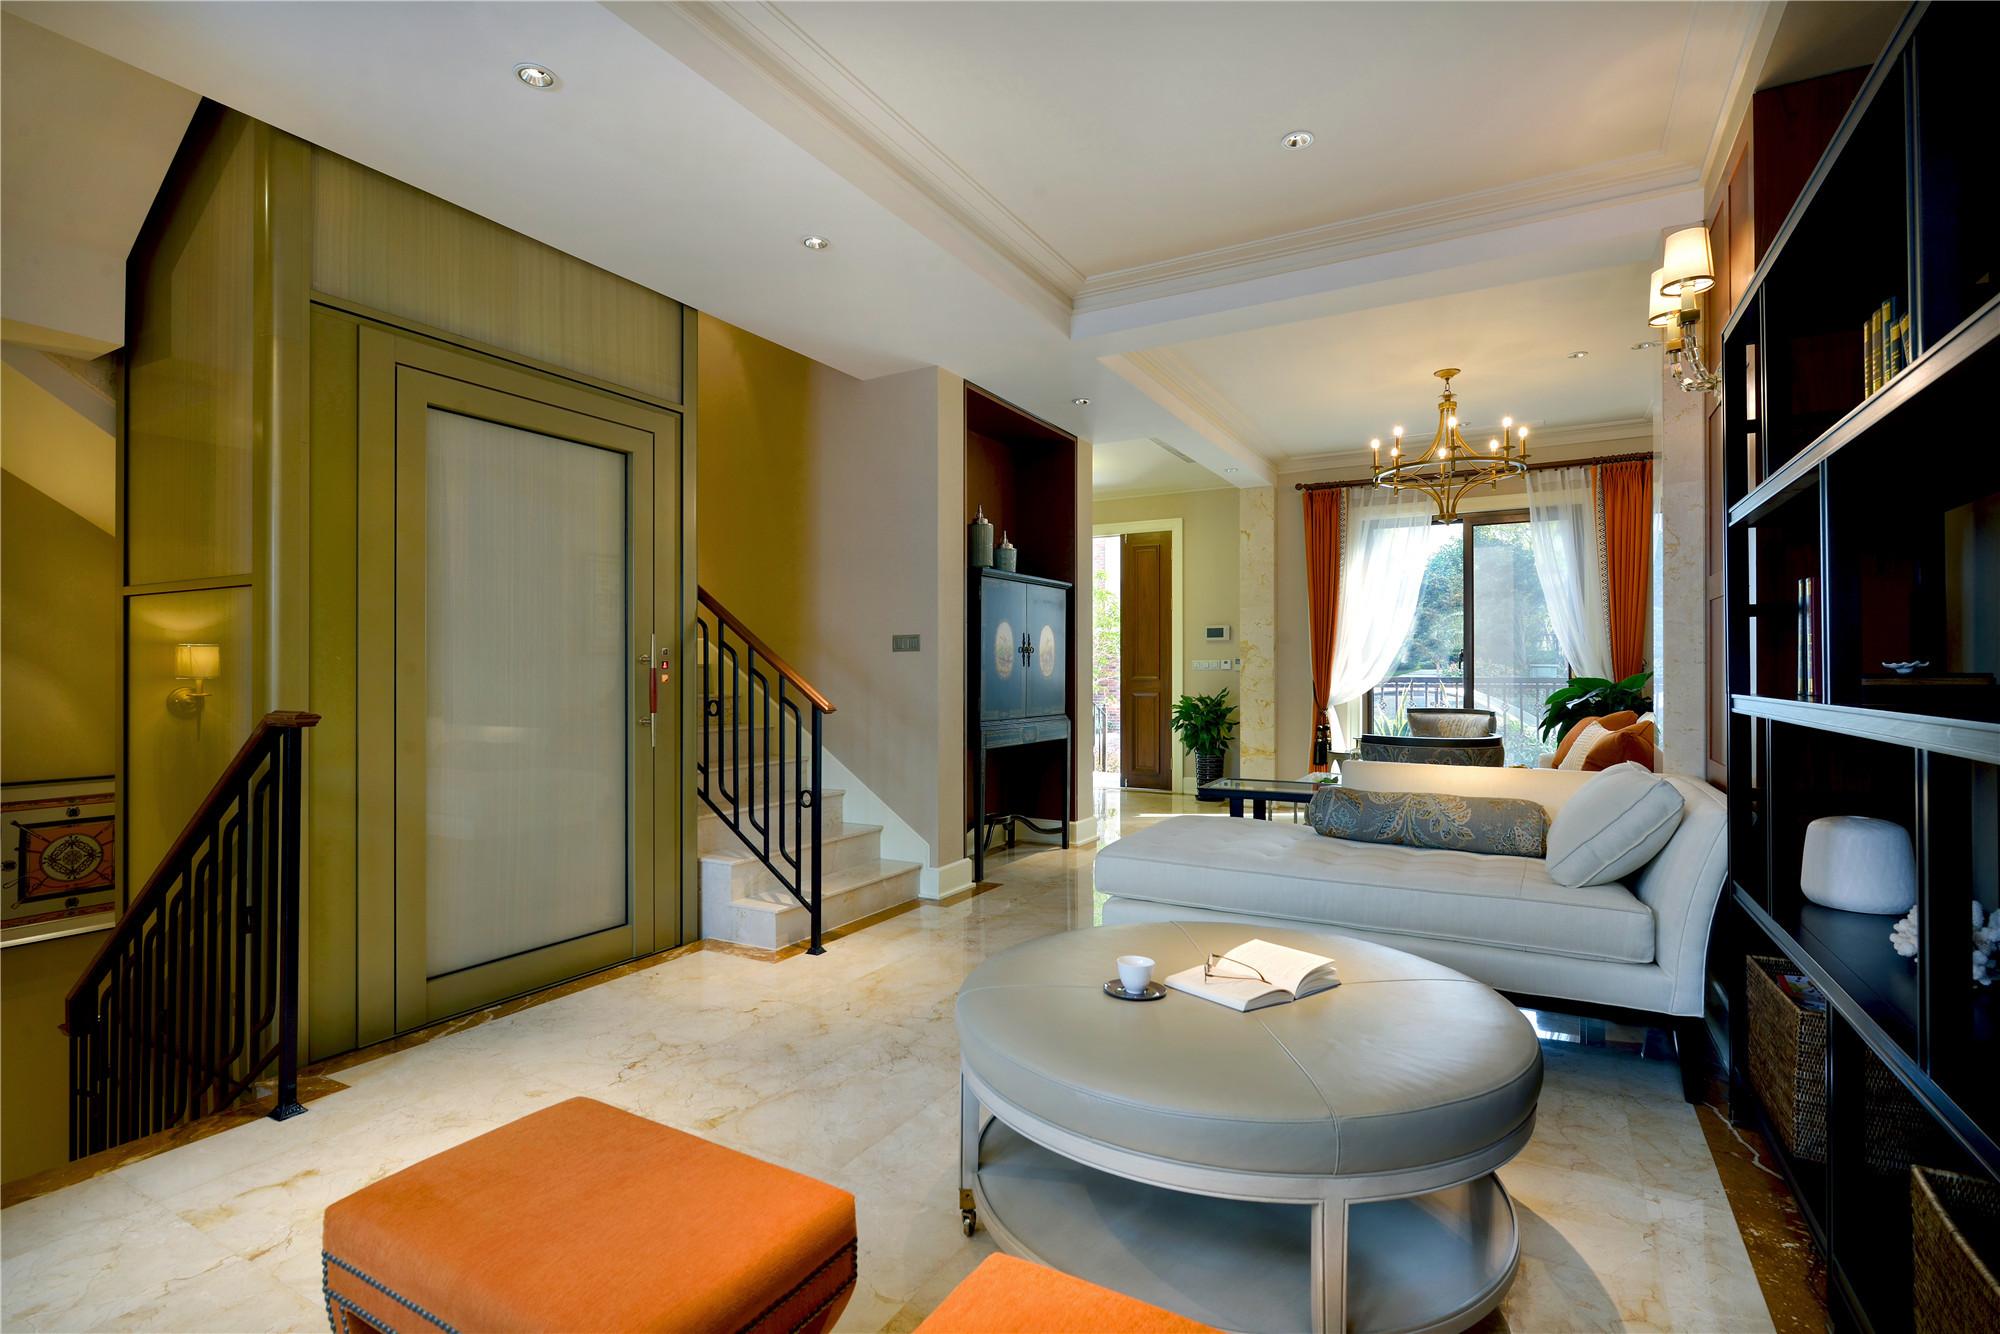 现代风格别墅装修起居室设计图